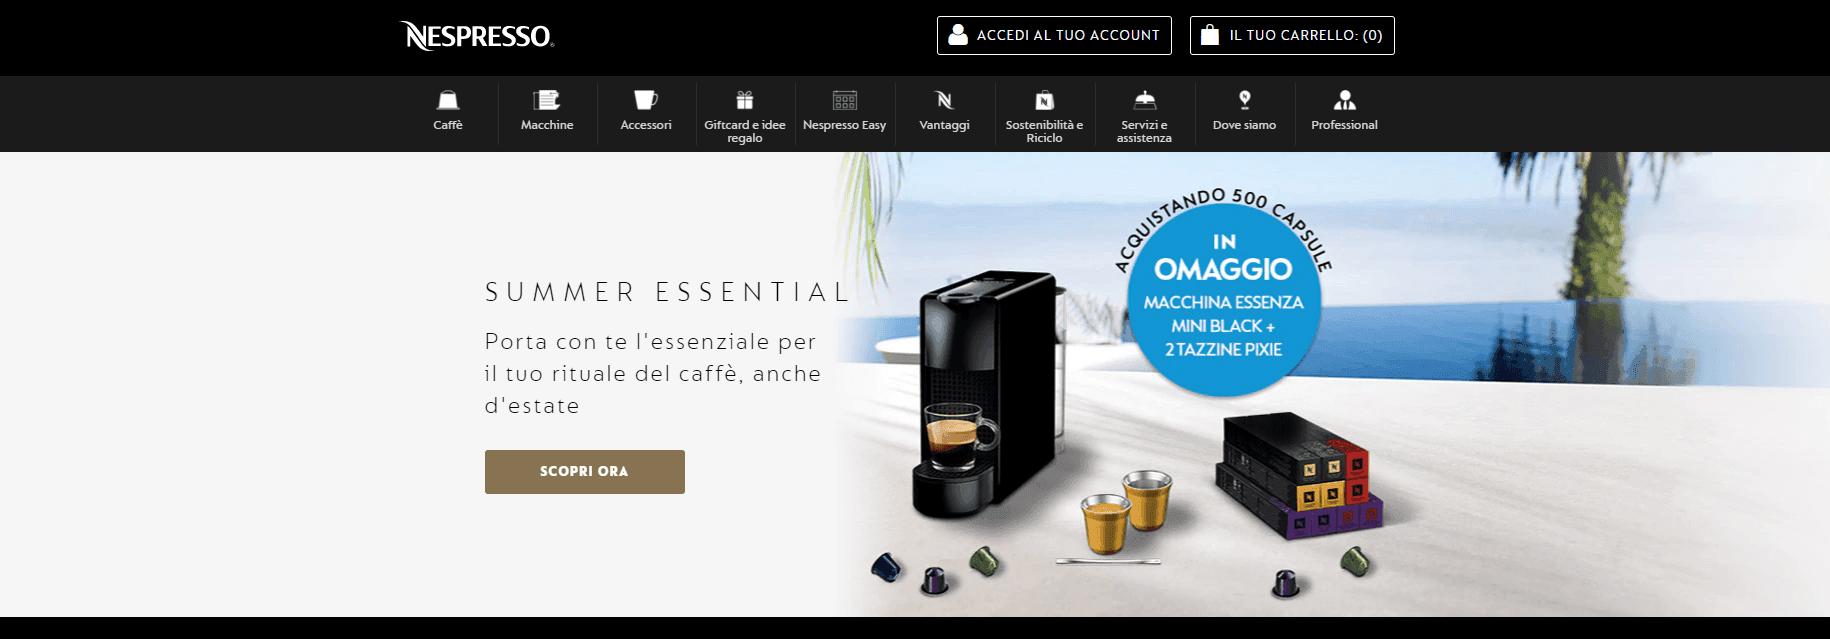 Nespresso- 2